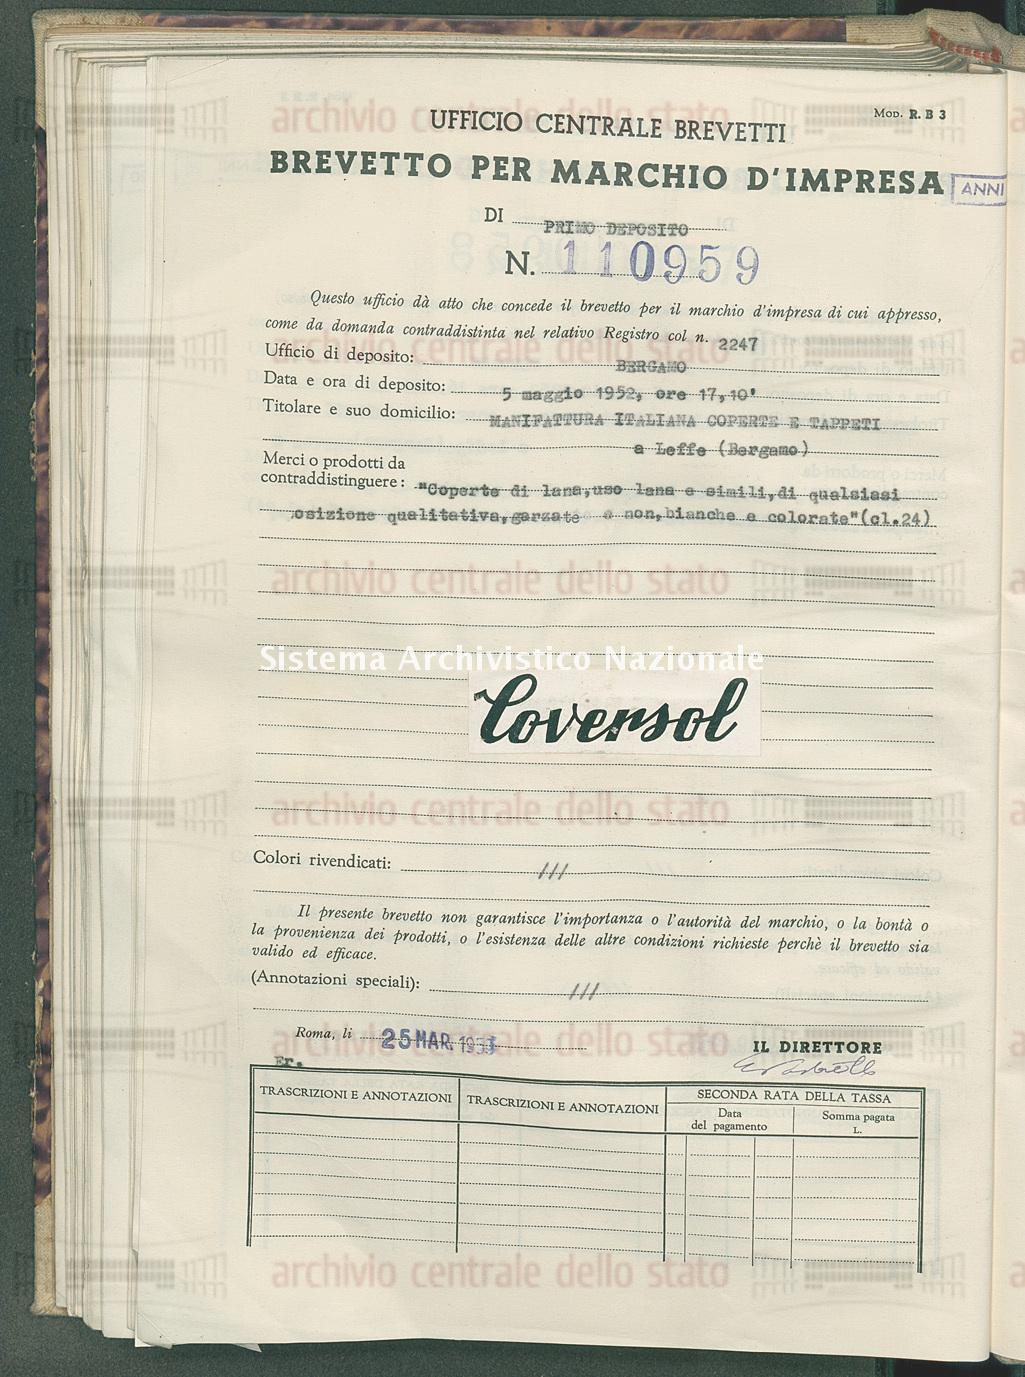 'Coperte di lana uso lana e simili di qualsiasi composizione qualitati Manifattura Italiana Coperte E Tappeti (25/03/1953)